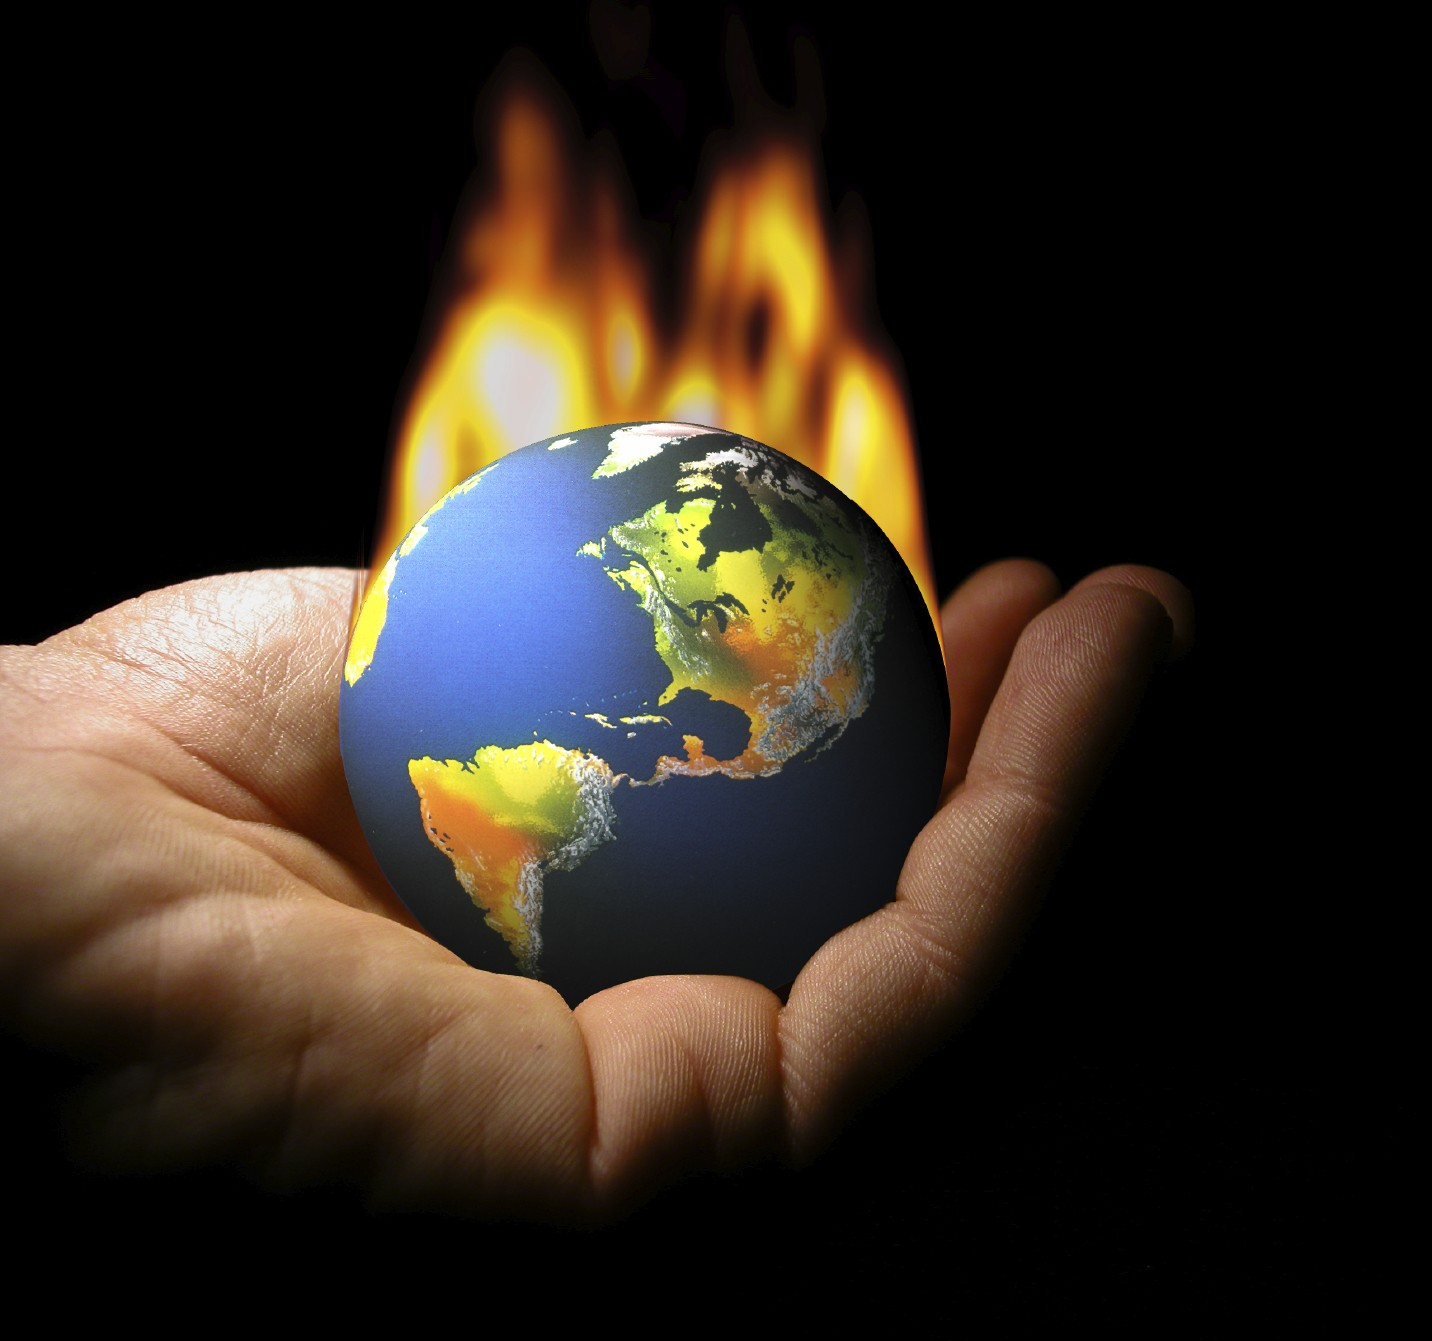 Τα προβλήματα από τις κλιματικές αλλαγές και τρόποι αντιμετώπισης